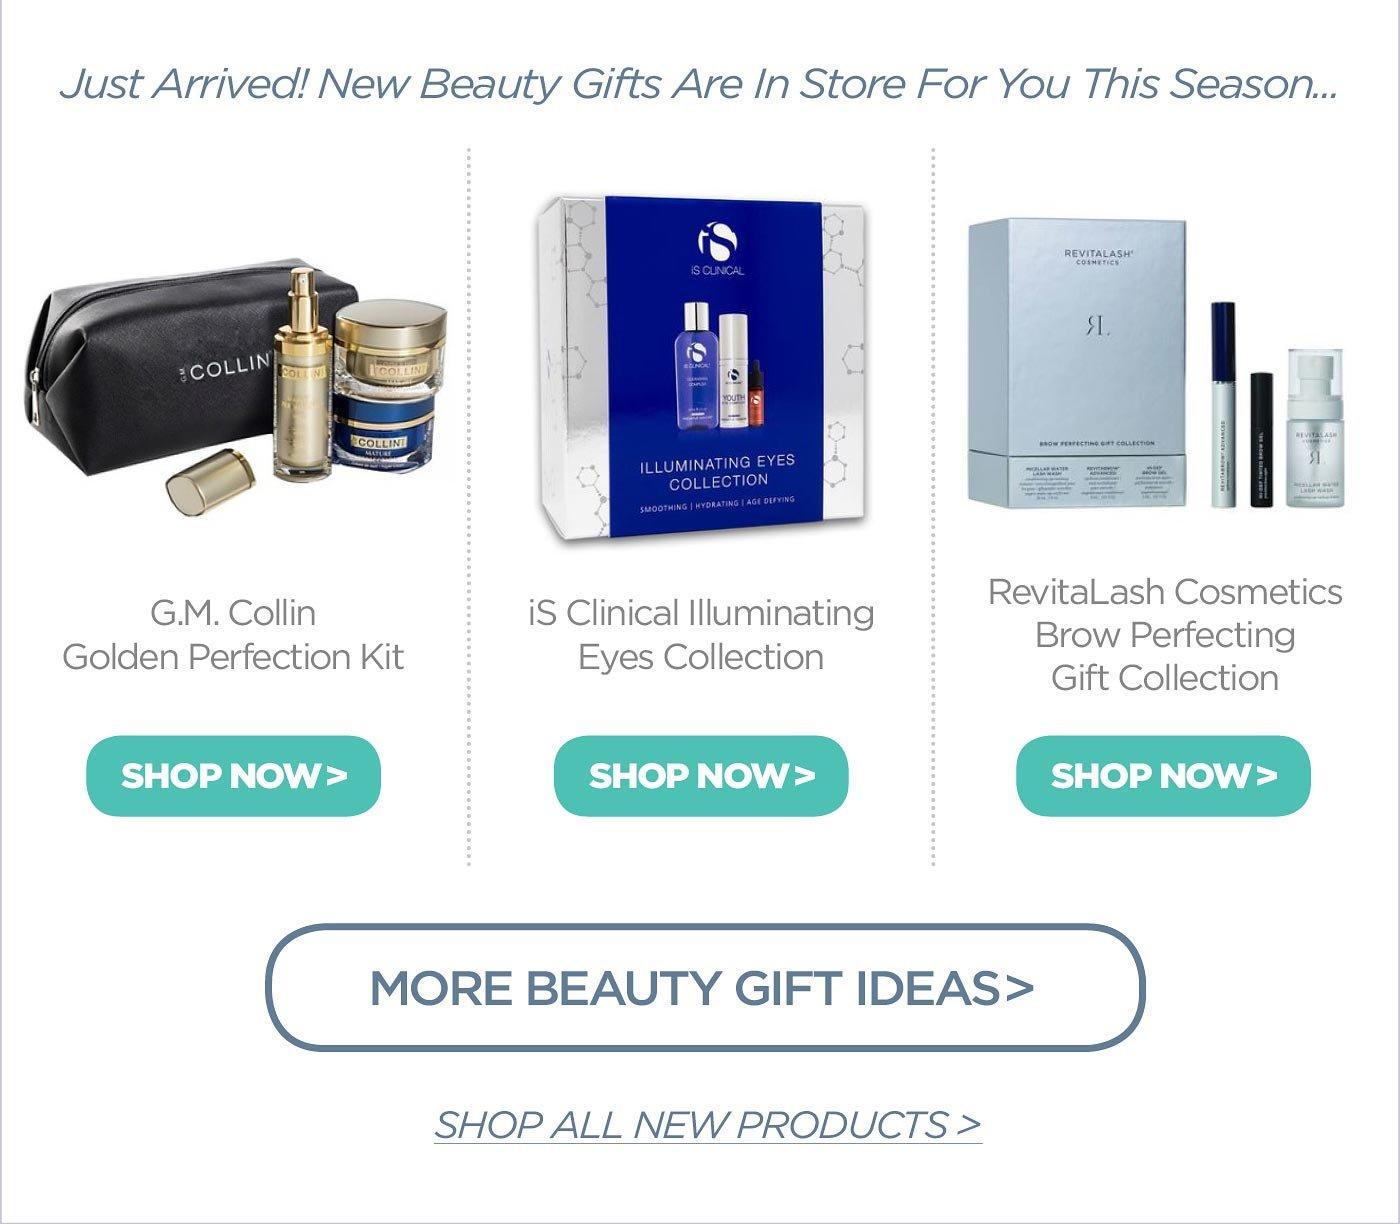 Shop now at beautystoredepot.com